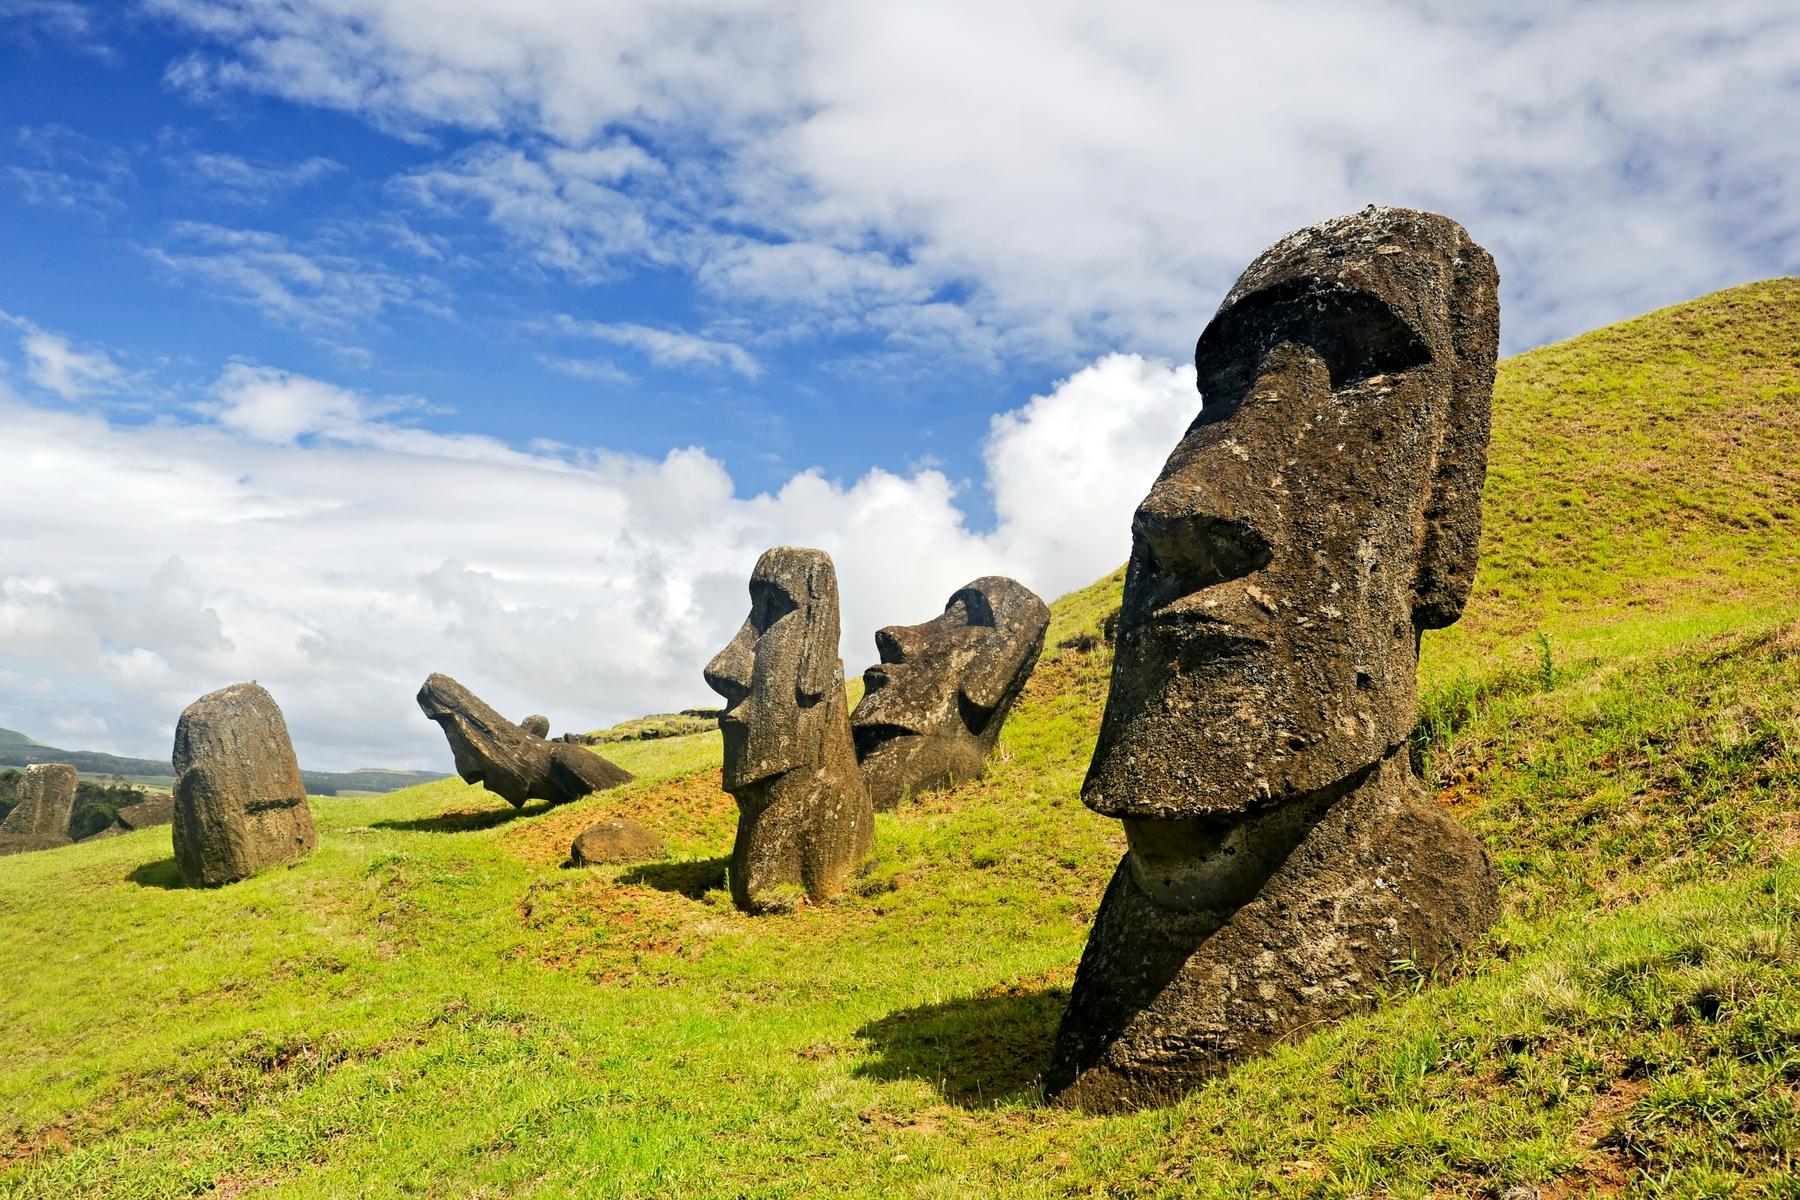 Los 20 lugares más fascinantes del mundo: Chile